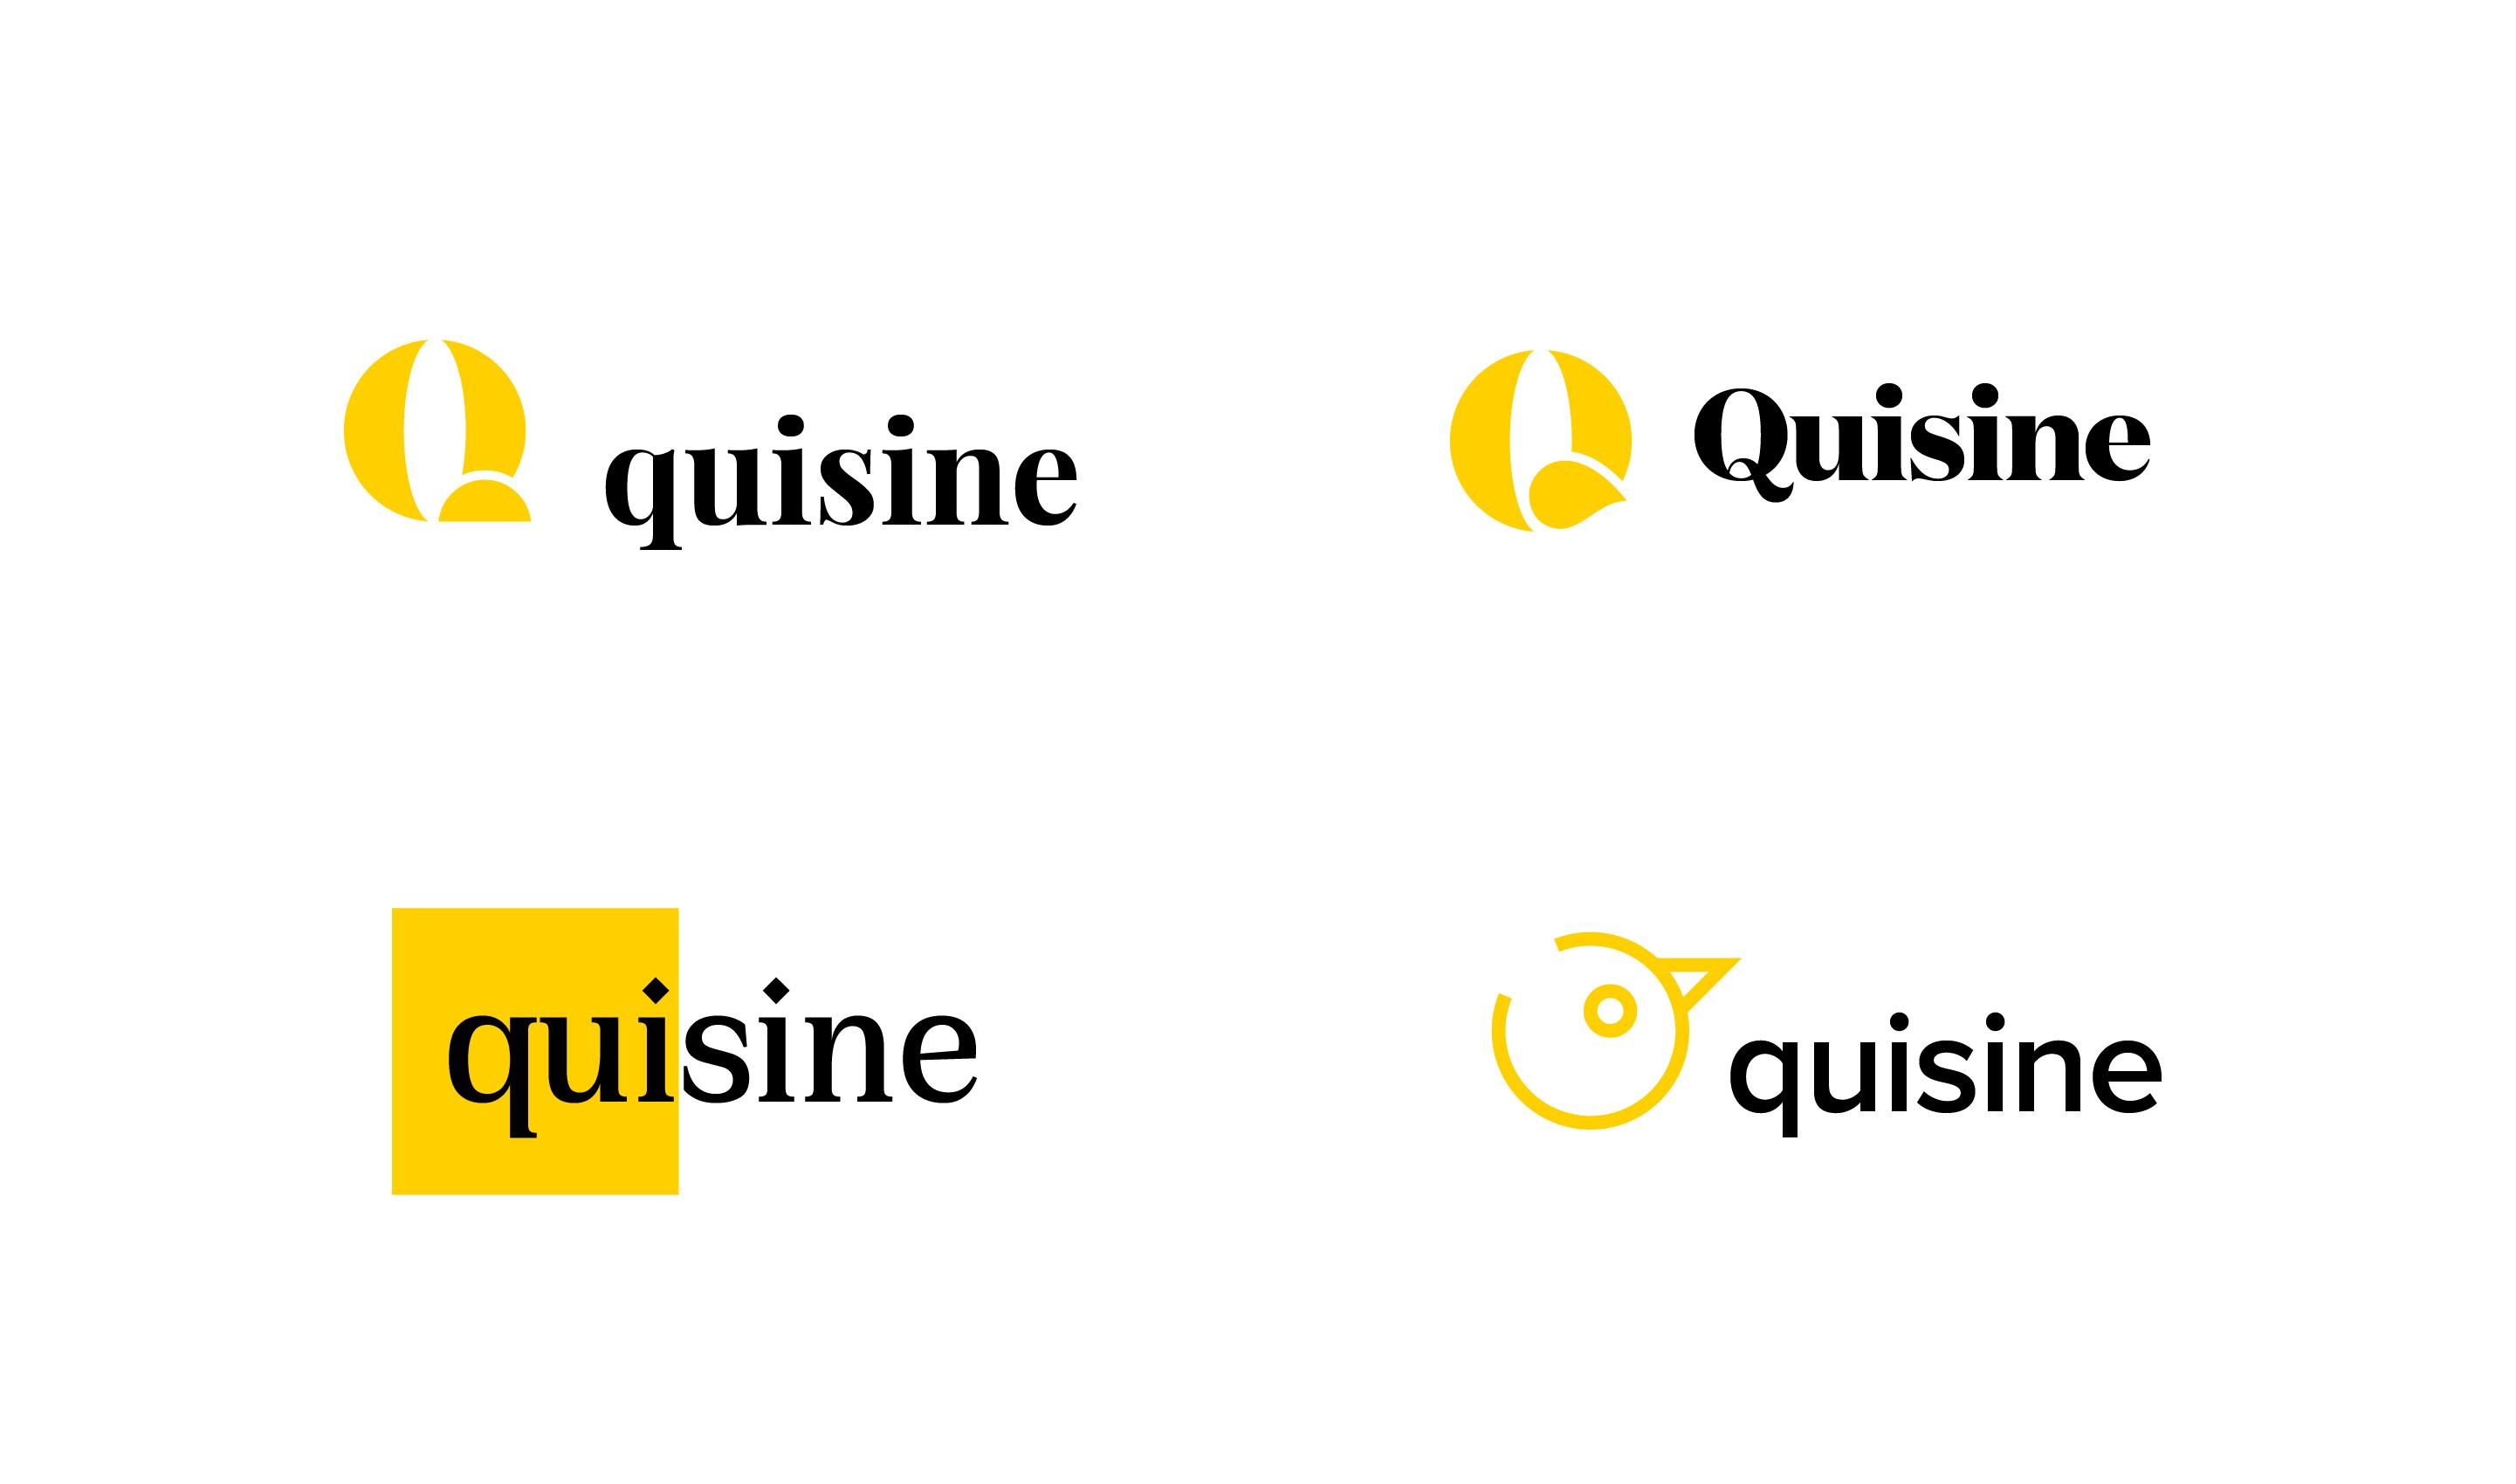 quisine_logo-design-iterations